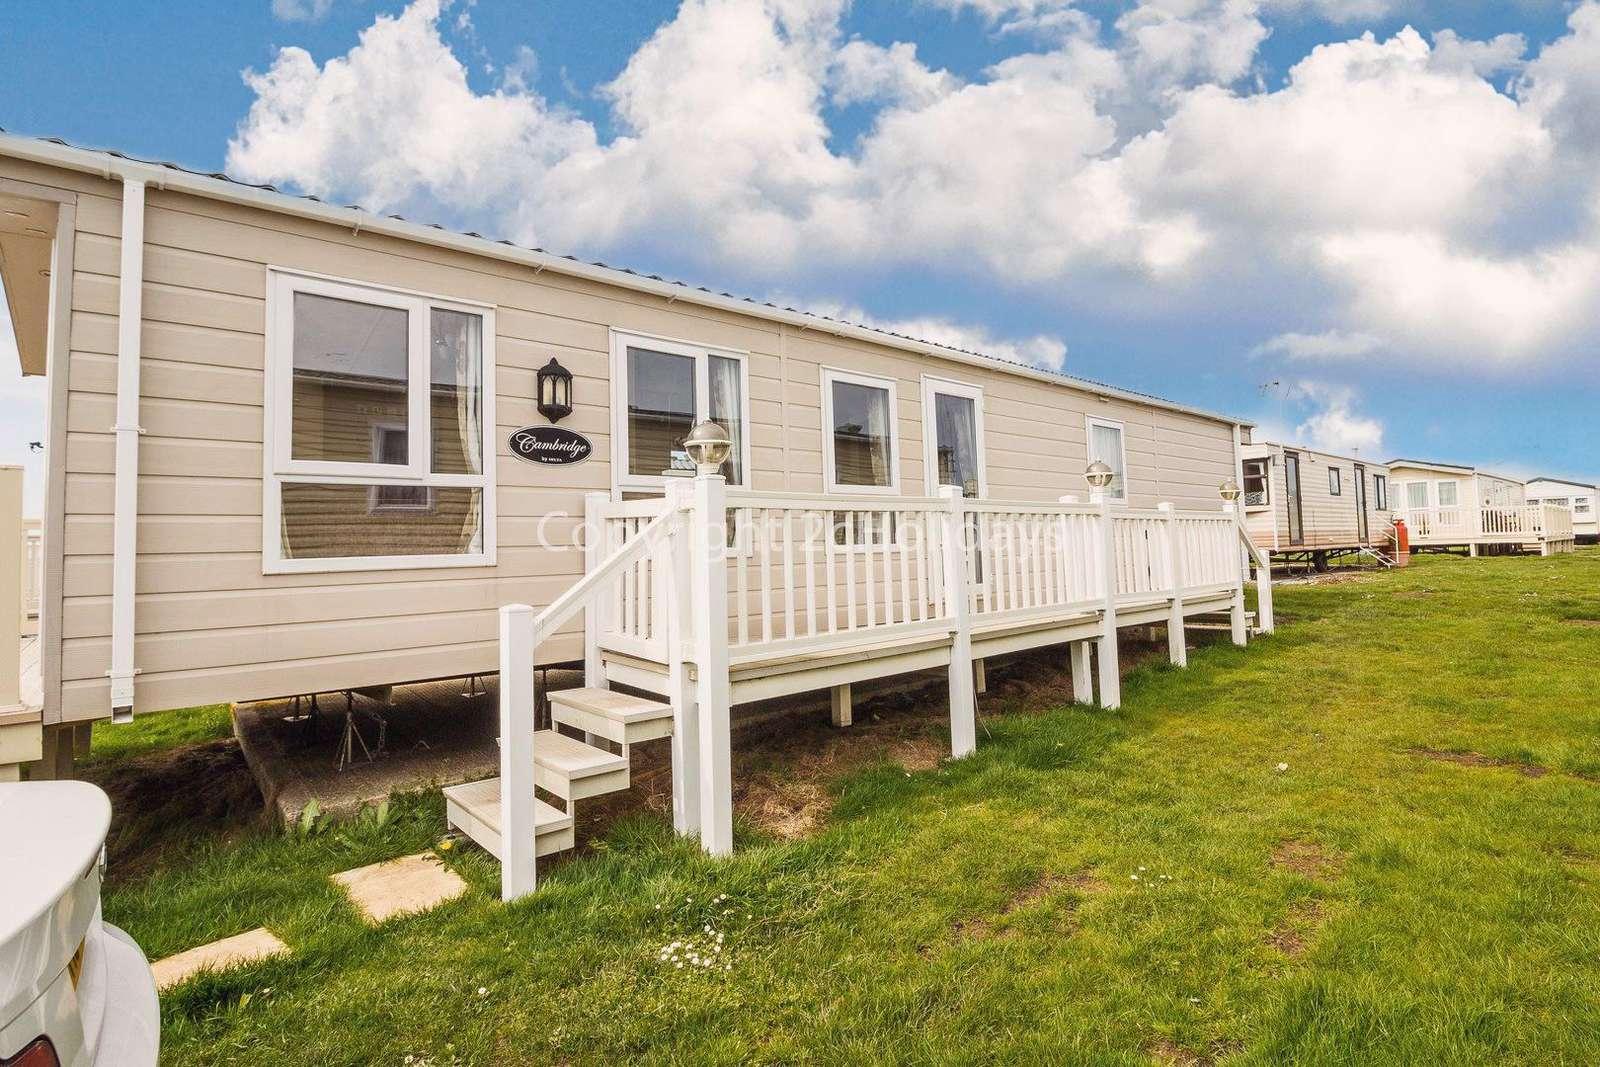 Caravan for hire in Clacton-On-Sea